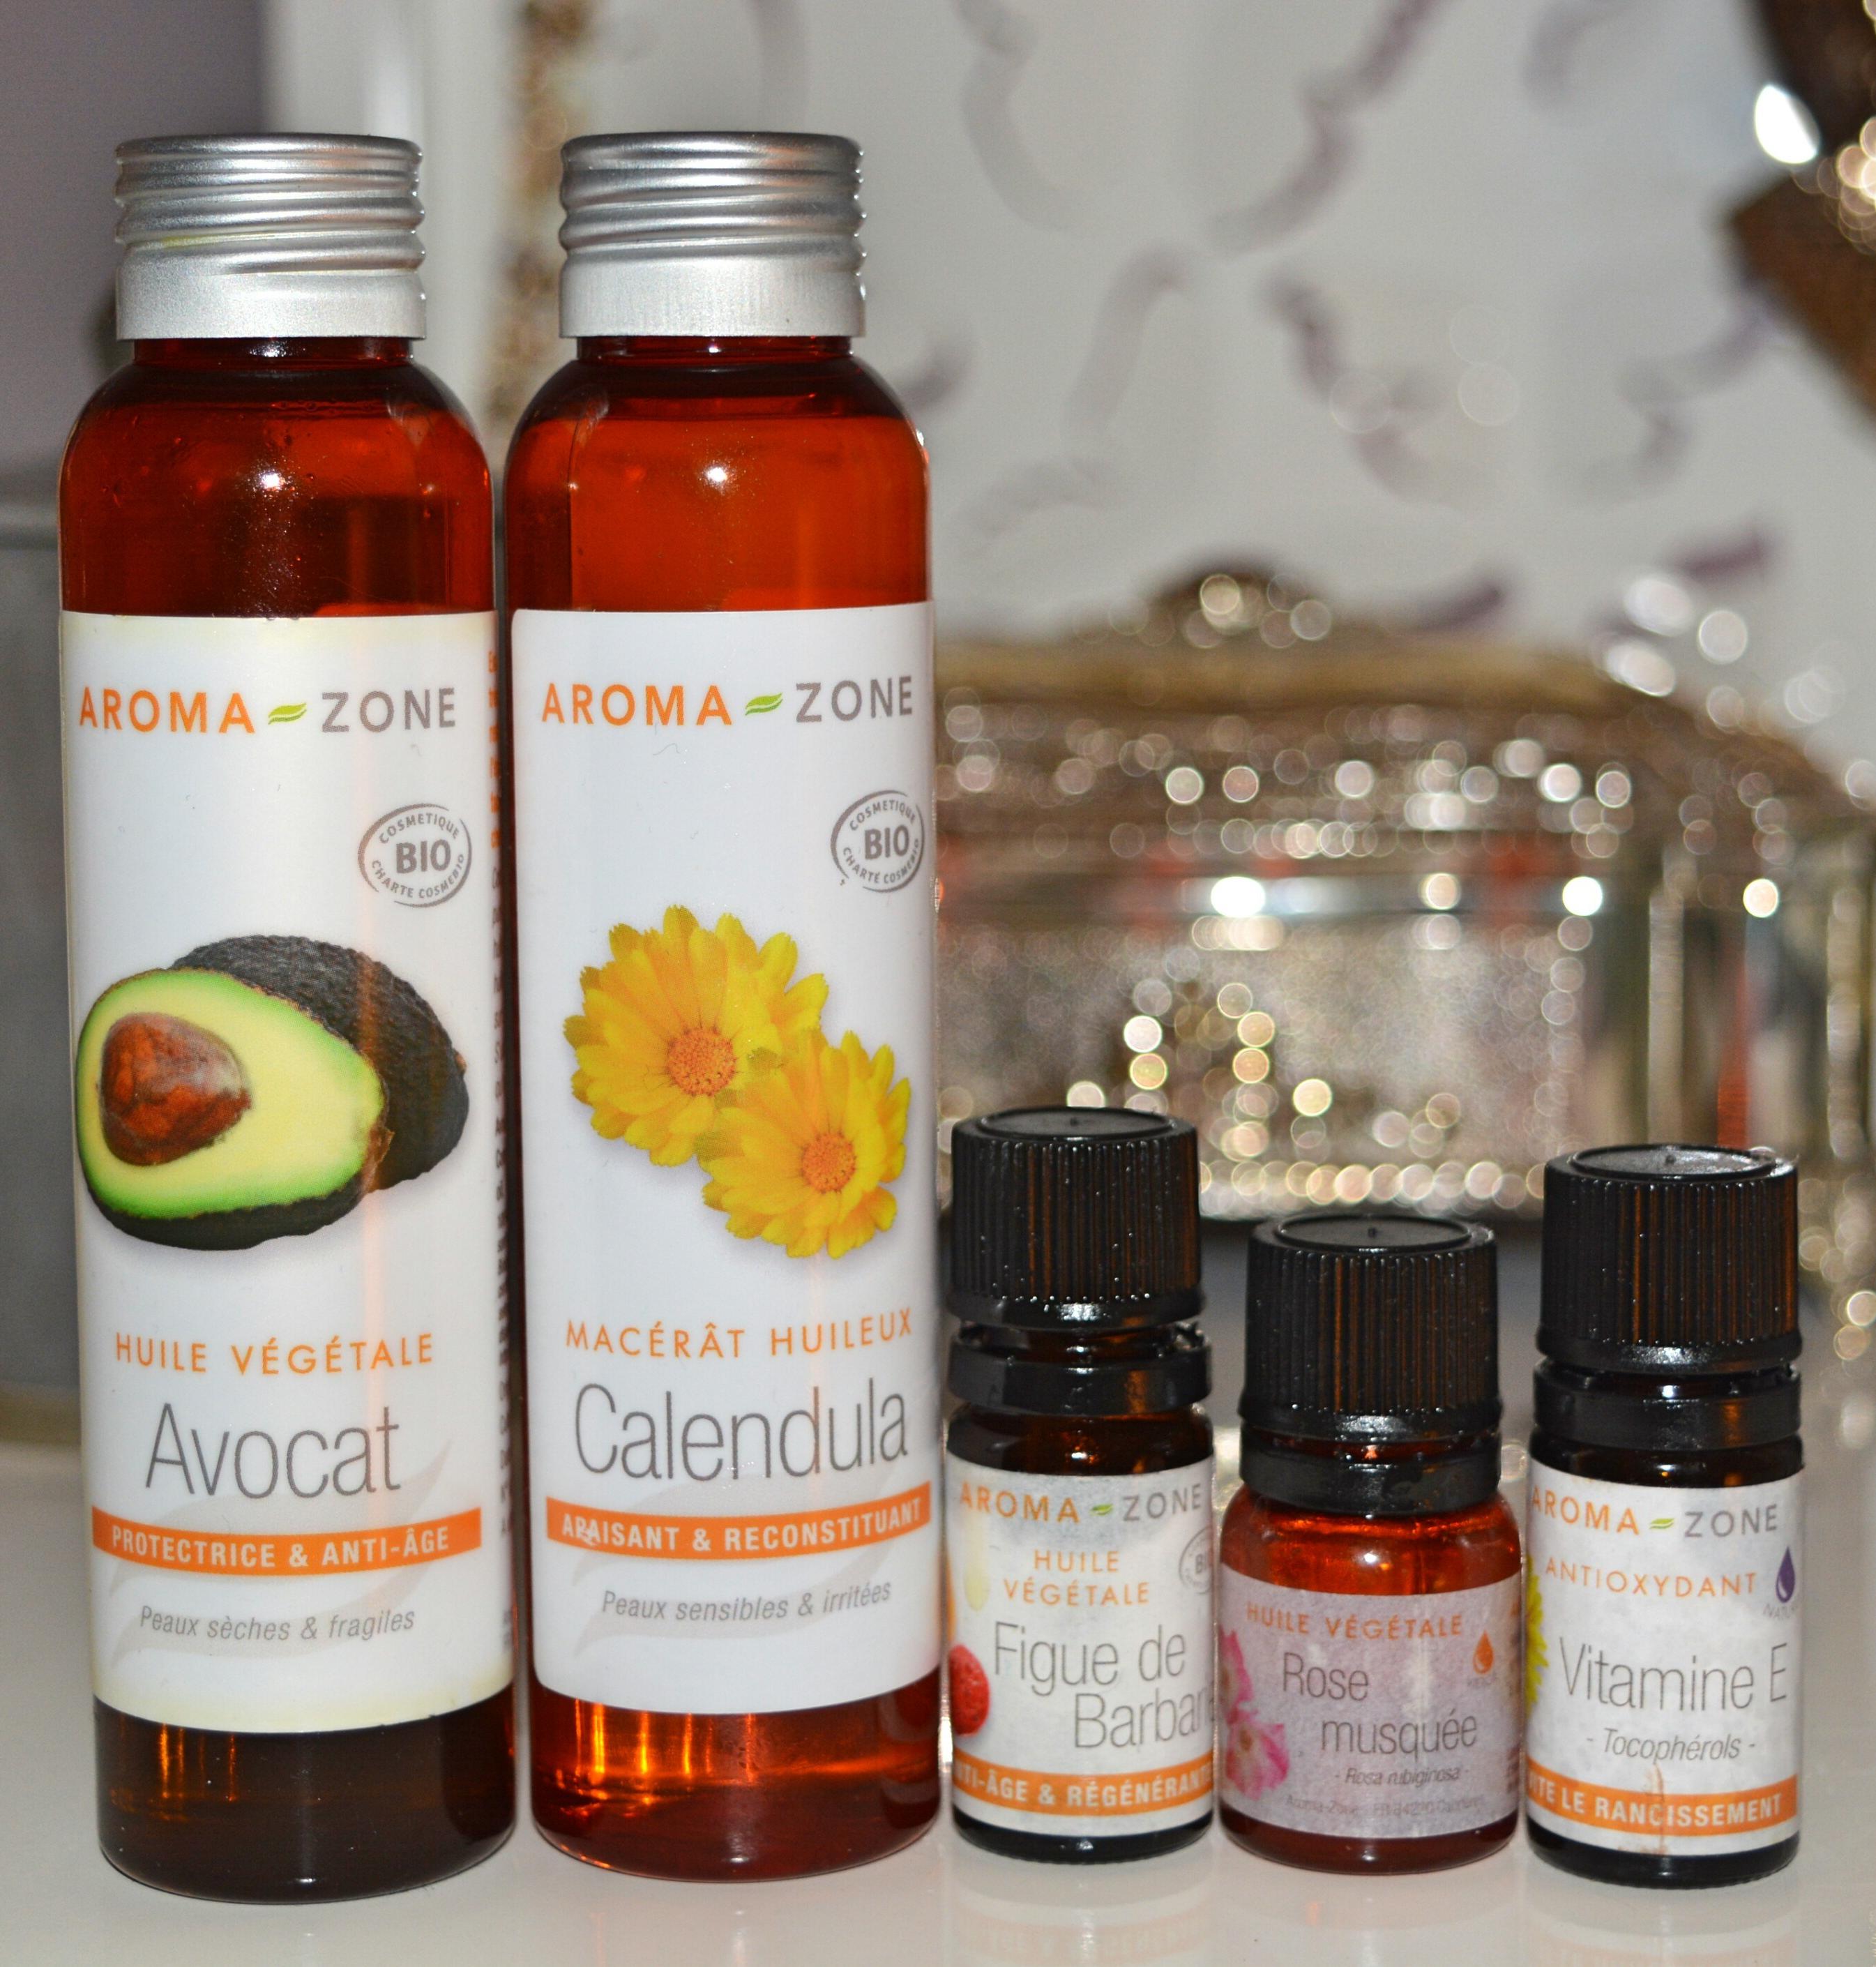 synergie d'huiles végétales anti-âge pour réduire les rides et ridules